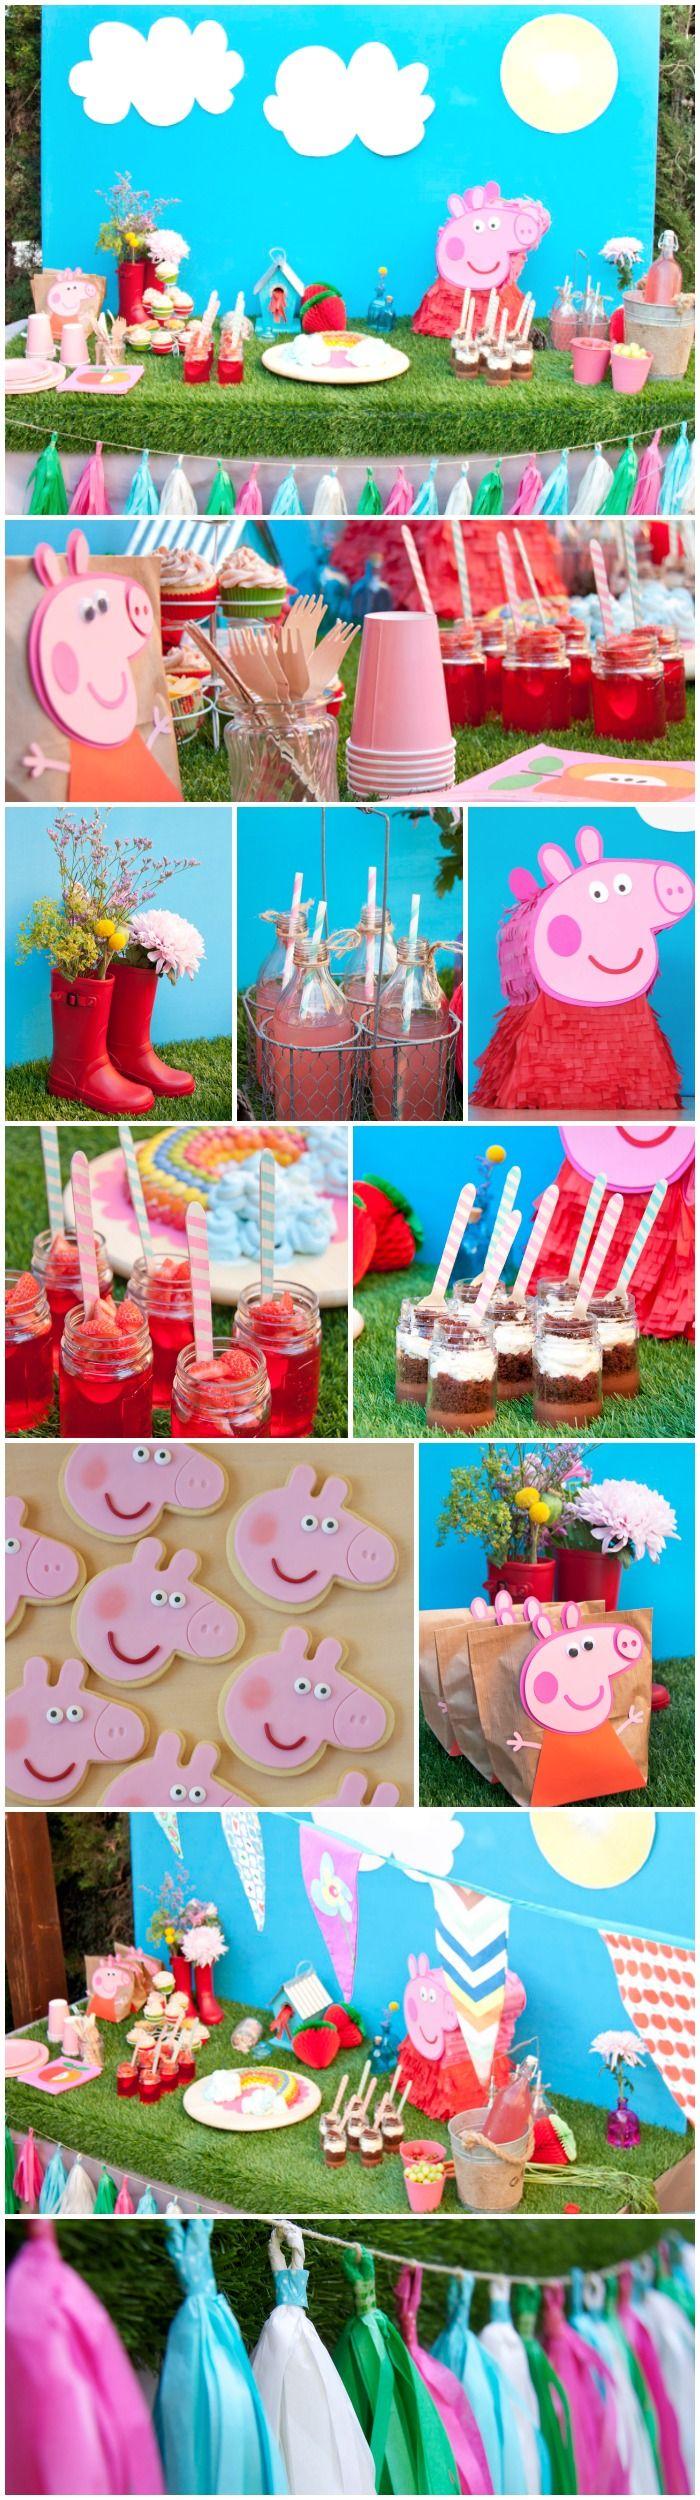 Más ideas para una fiesta de cumpleaños de Peppa Pig